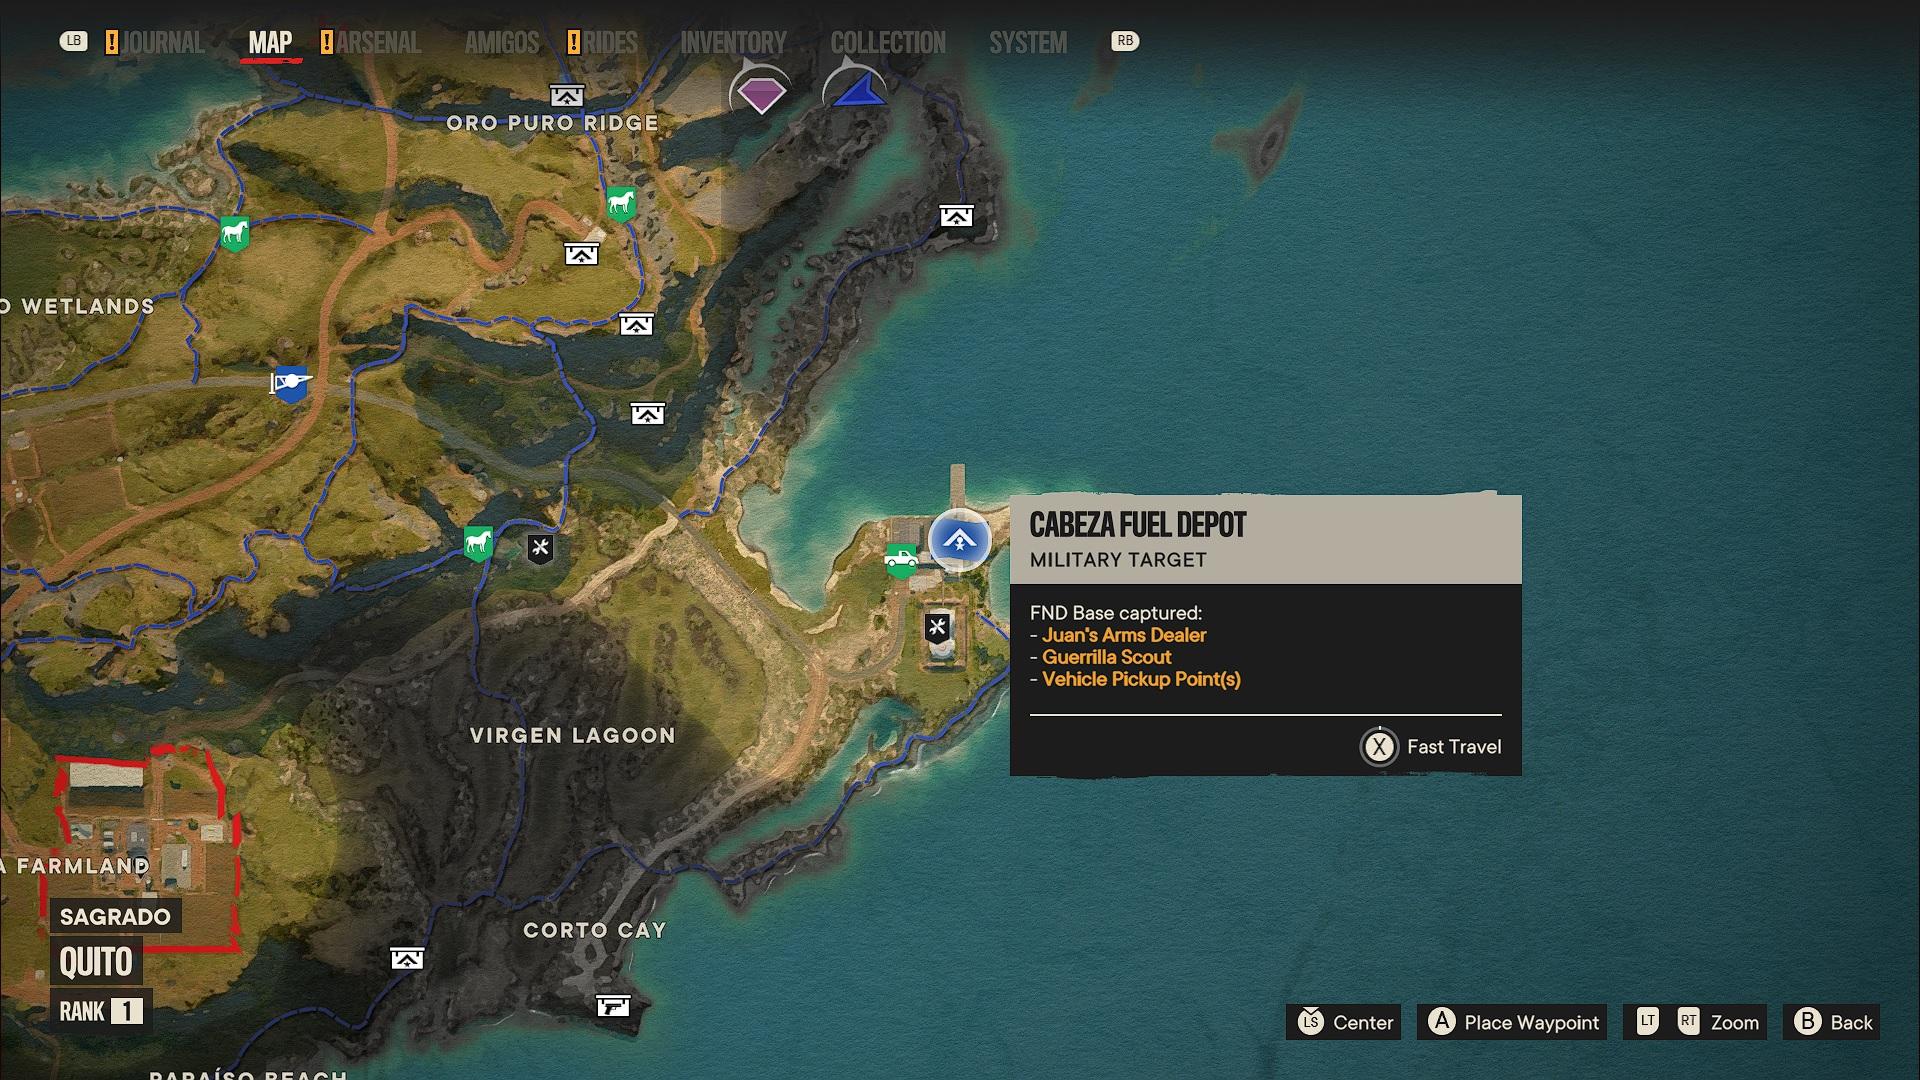 Panduan Perjalanan Cepat Far Cry 6